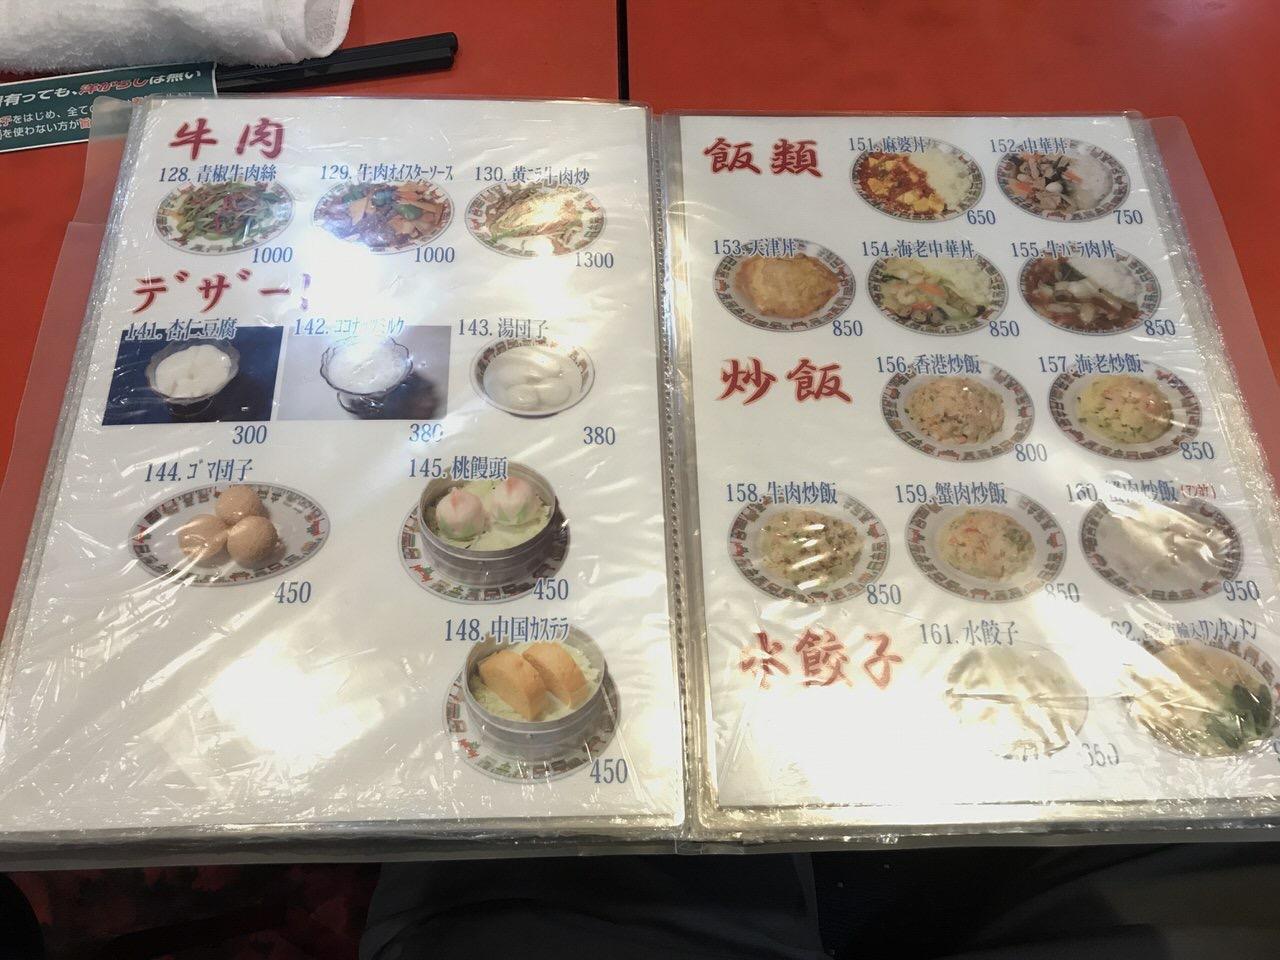 中華料理「中華街」吉祥寺 11